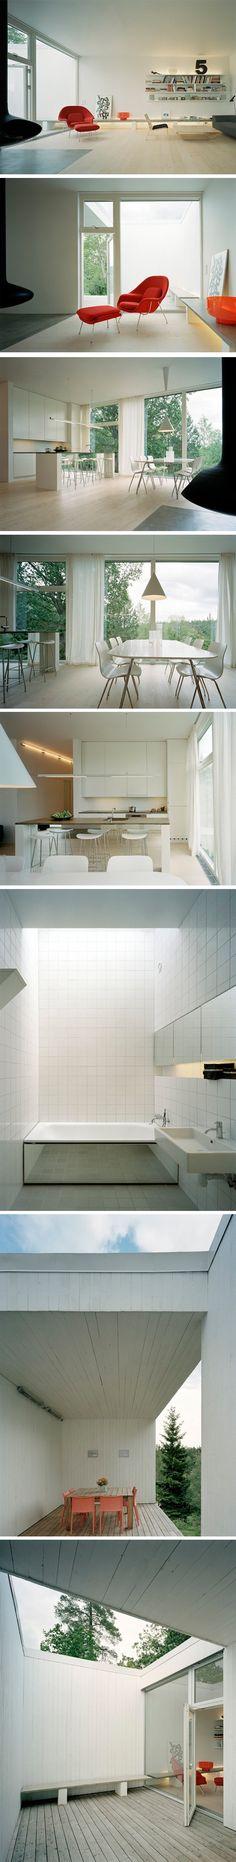 No.5 House by Claesson Koivisto Rune